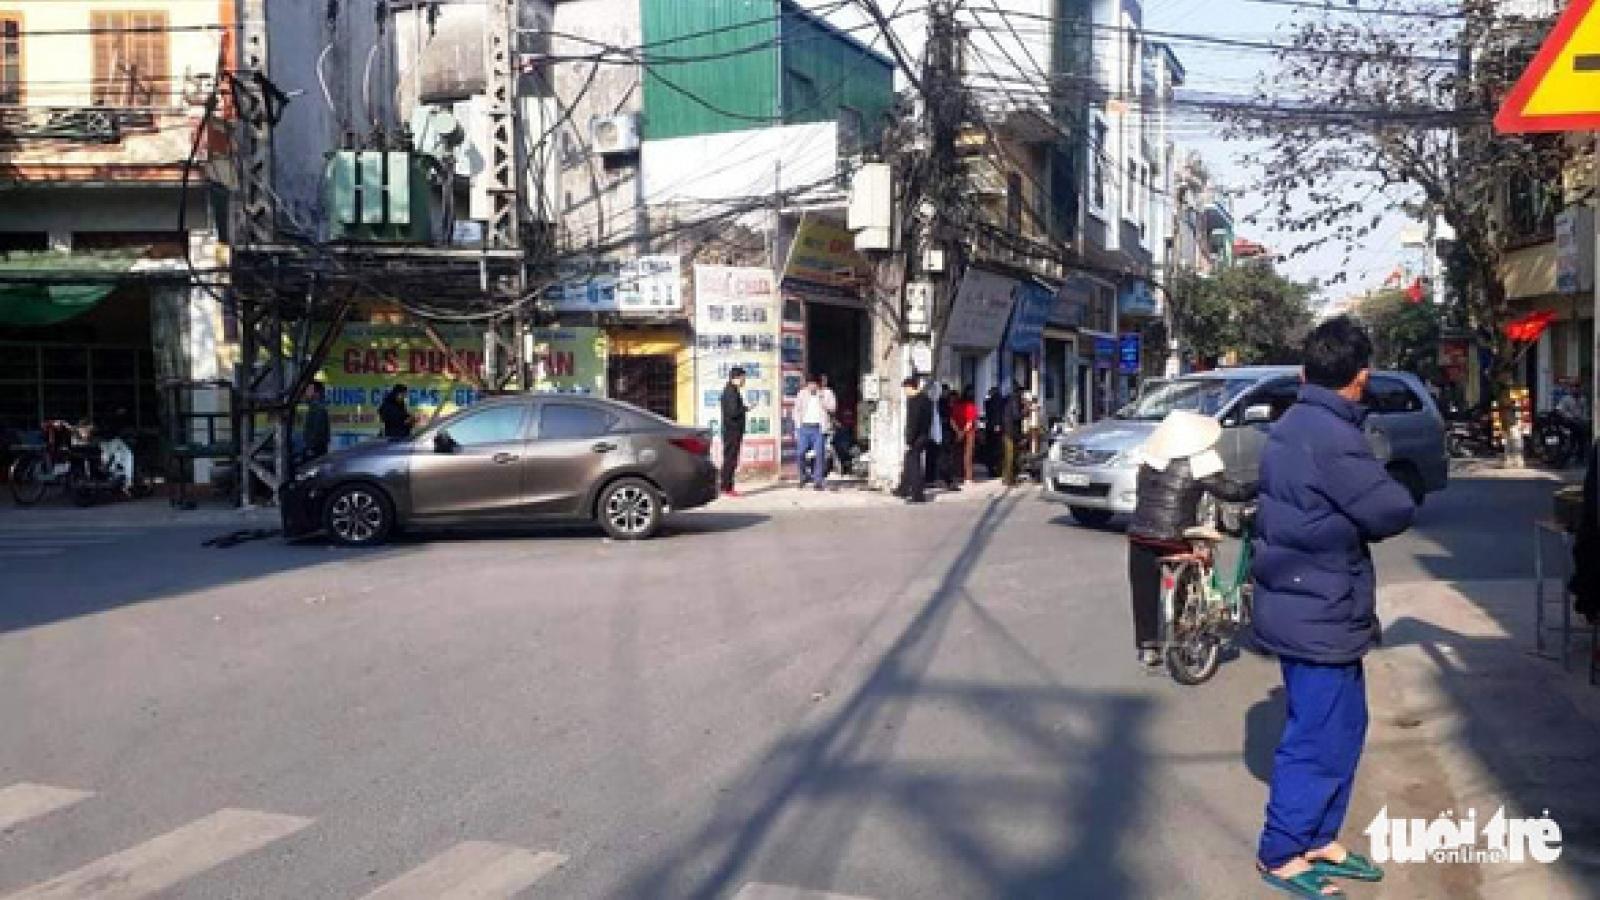 Nam thanh niên tử nạn sau va chạm với ô tô do trưởng Phòng kinh tế - hạ tầng cầm lái